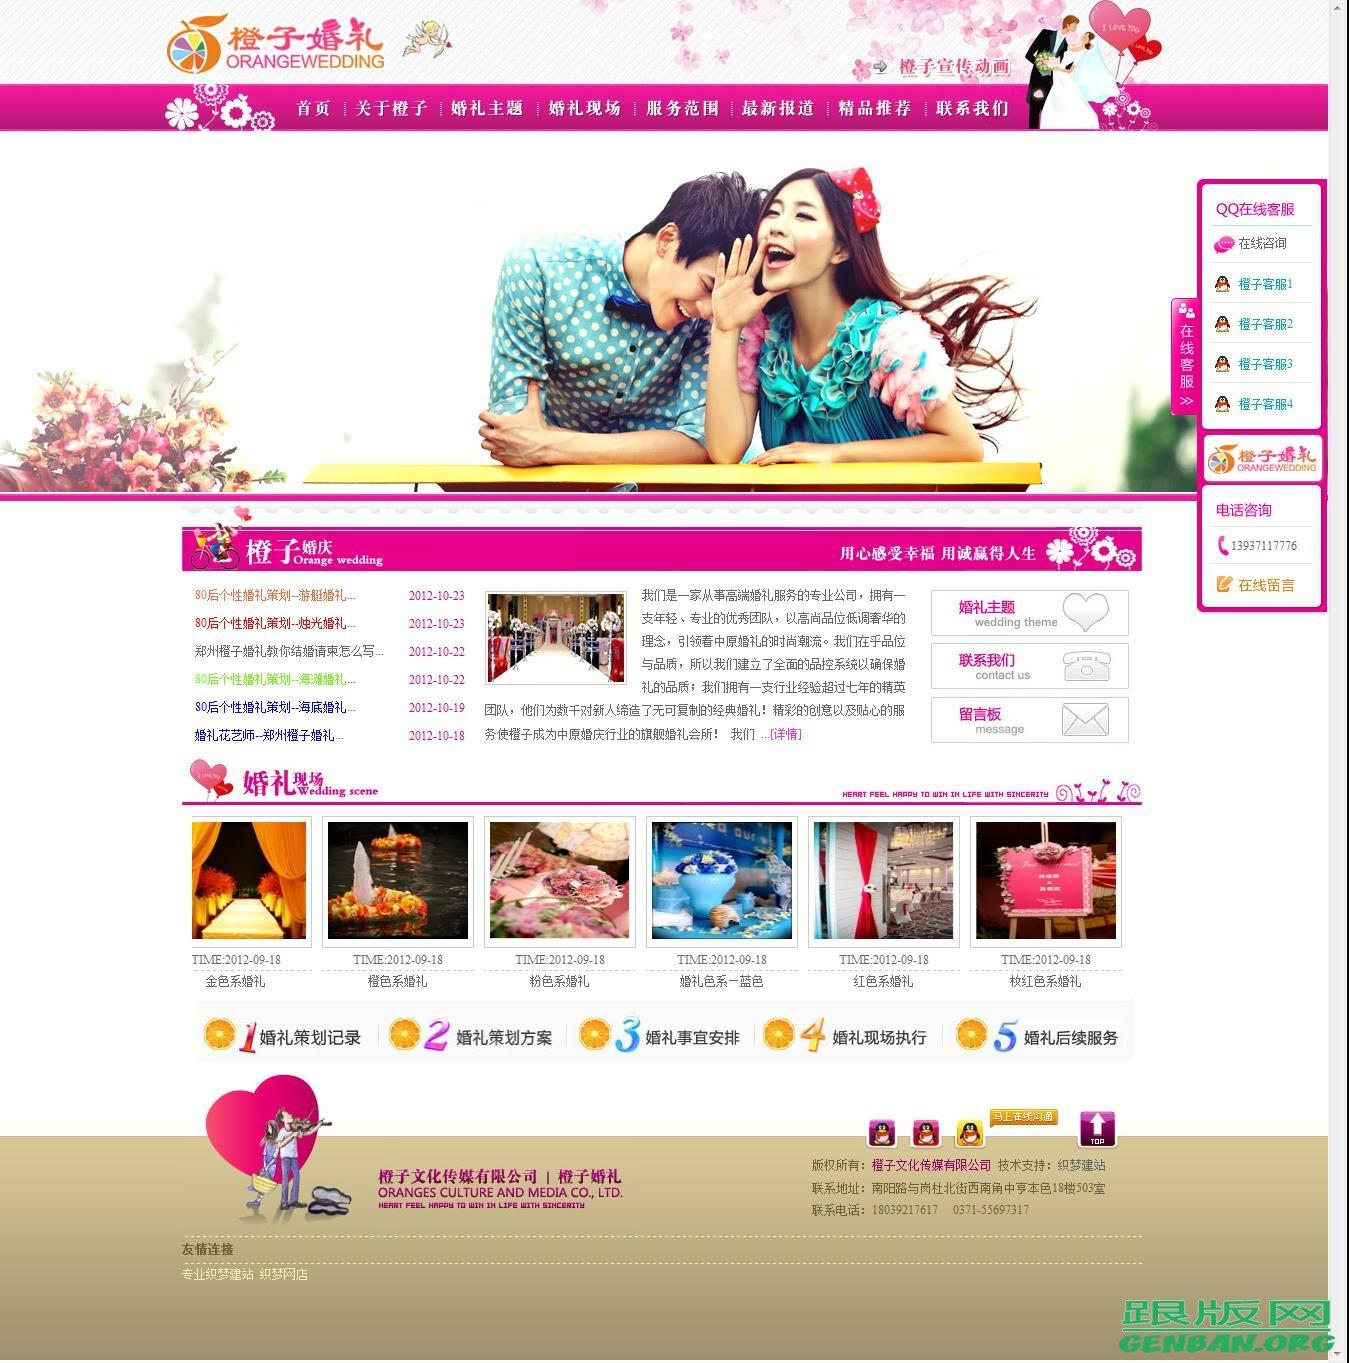 织梦某婚庆企业网站源码_dedecms婚庆网站源码下载